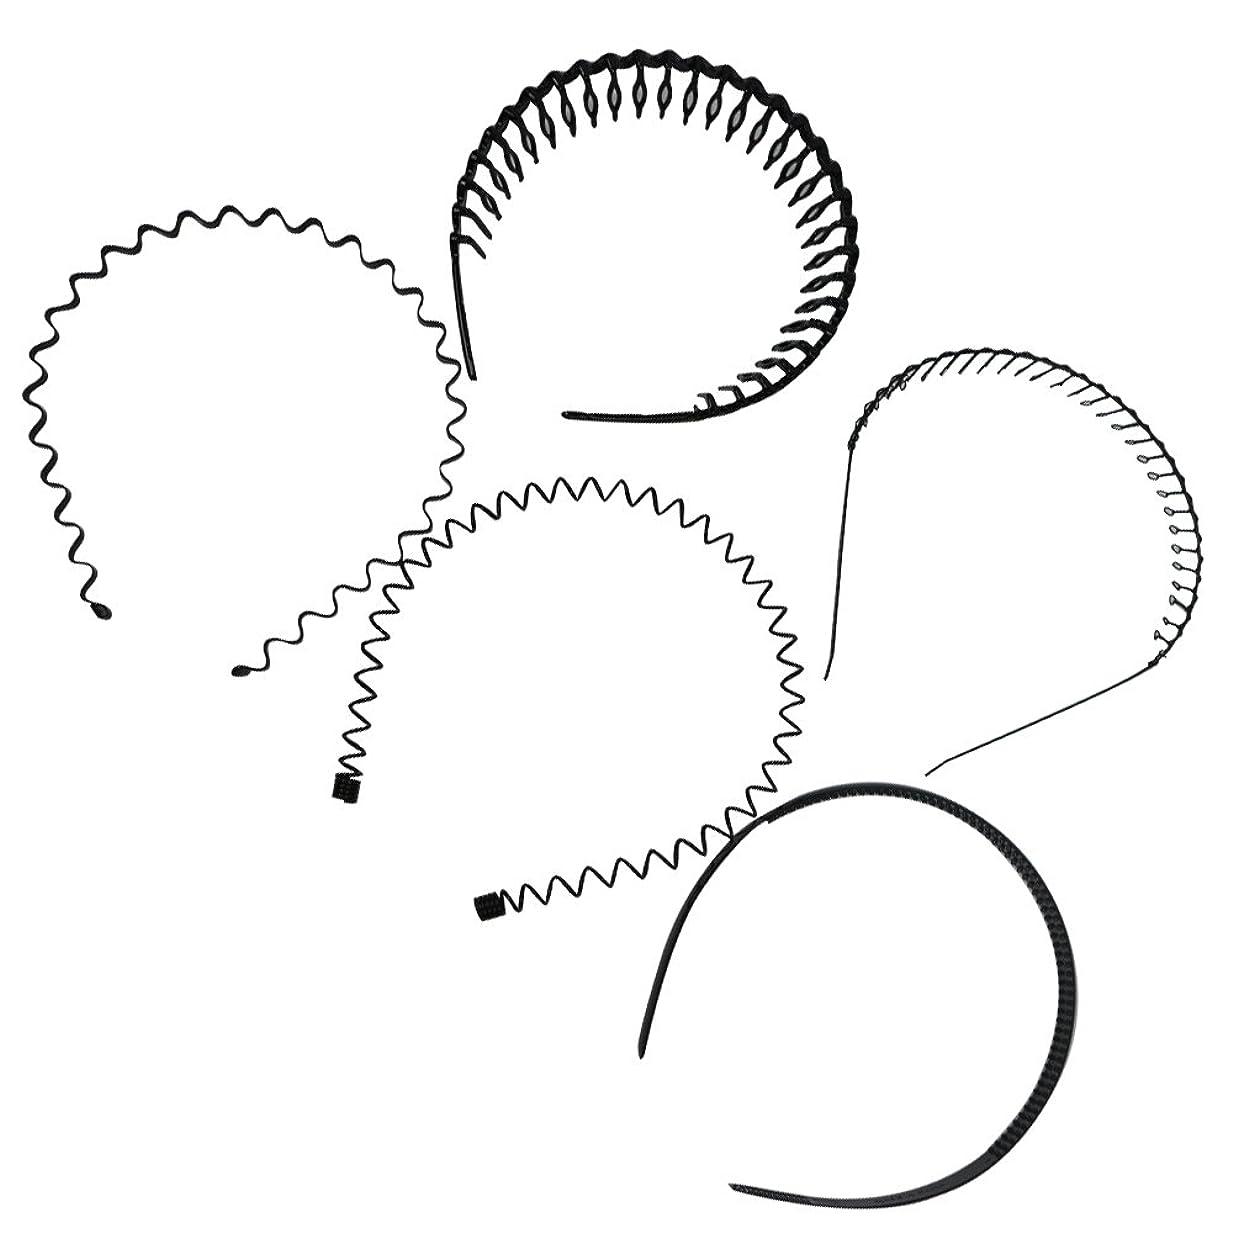 若いやむを得ないバンガローSallex7 ヘアバンド カチューシャ 5本セット 5種入り 男性 女性 兼用 髪留め ヘアアクセサリー